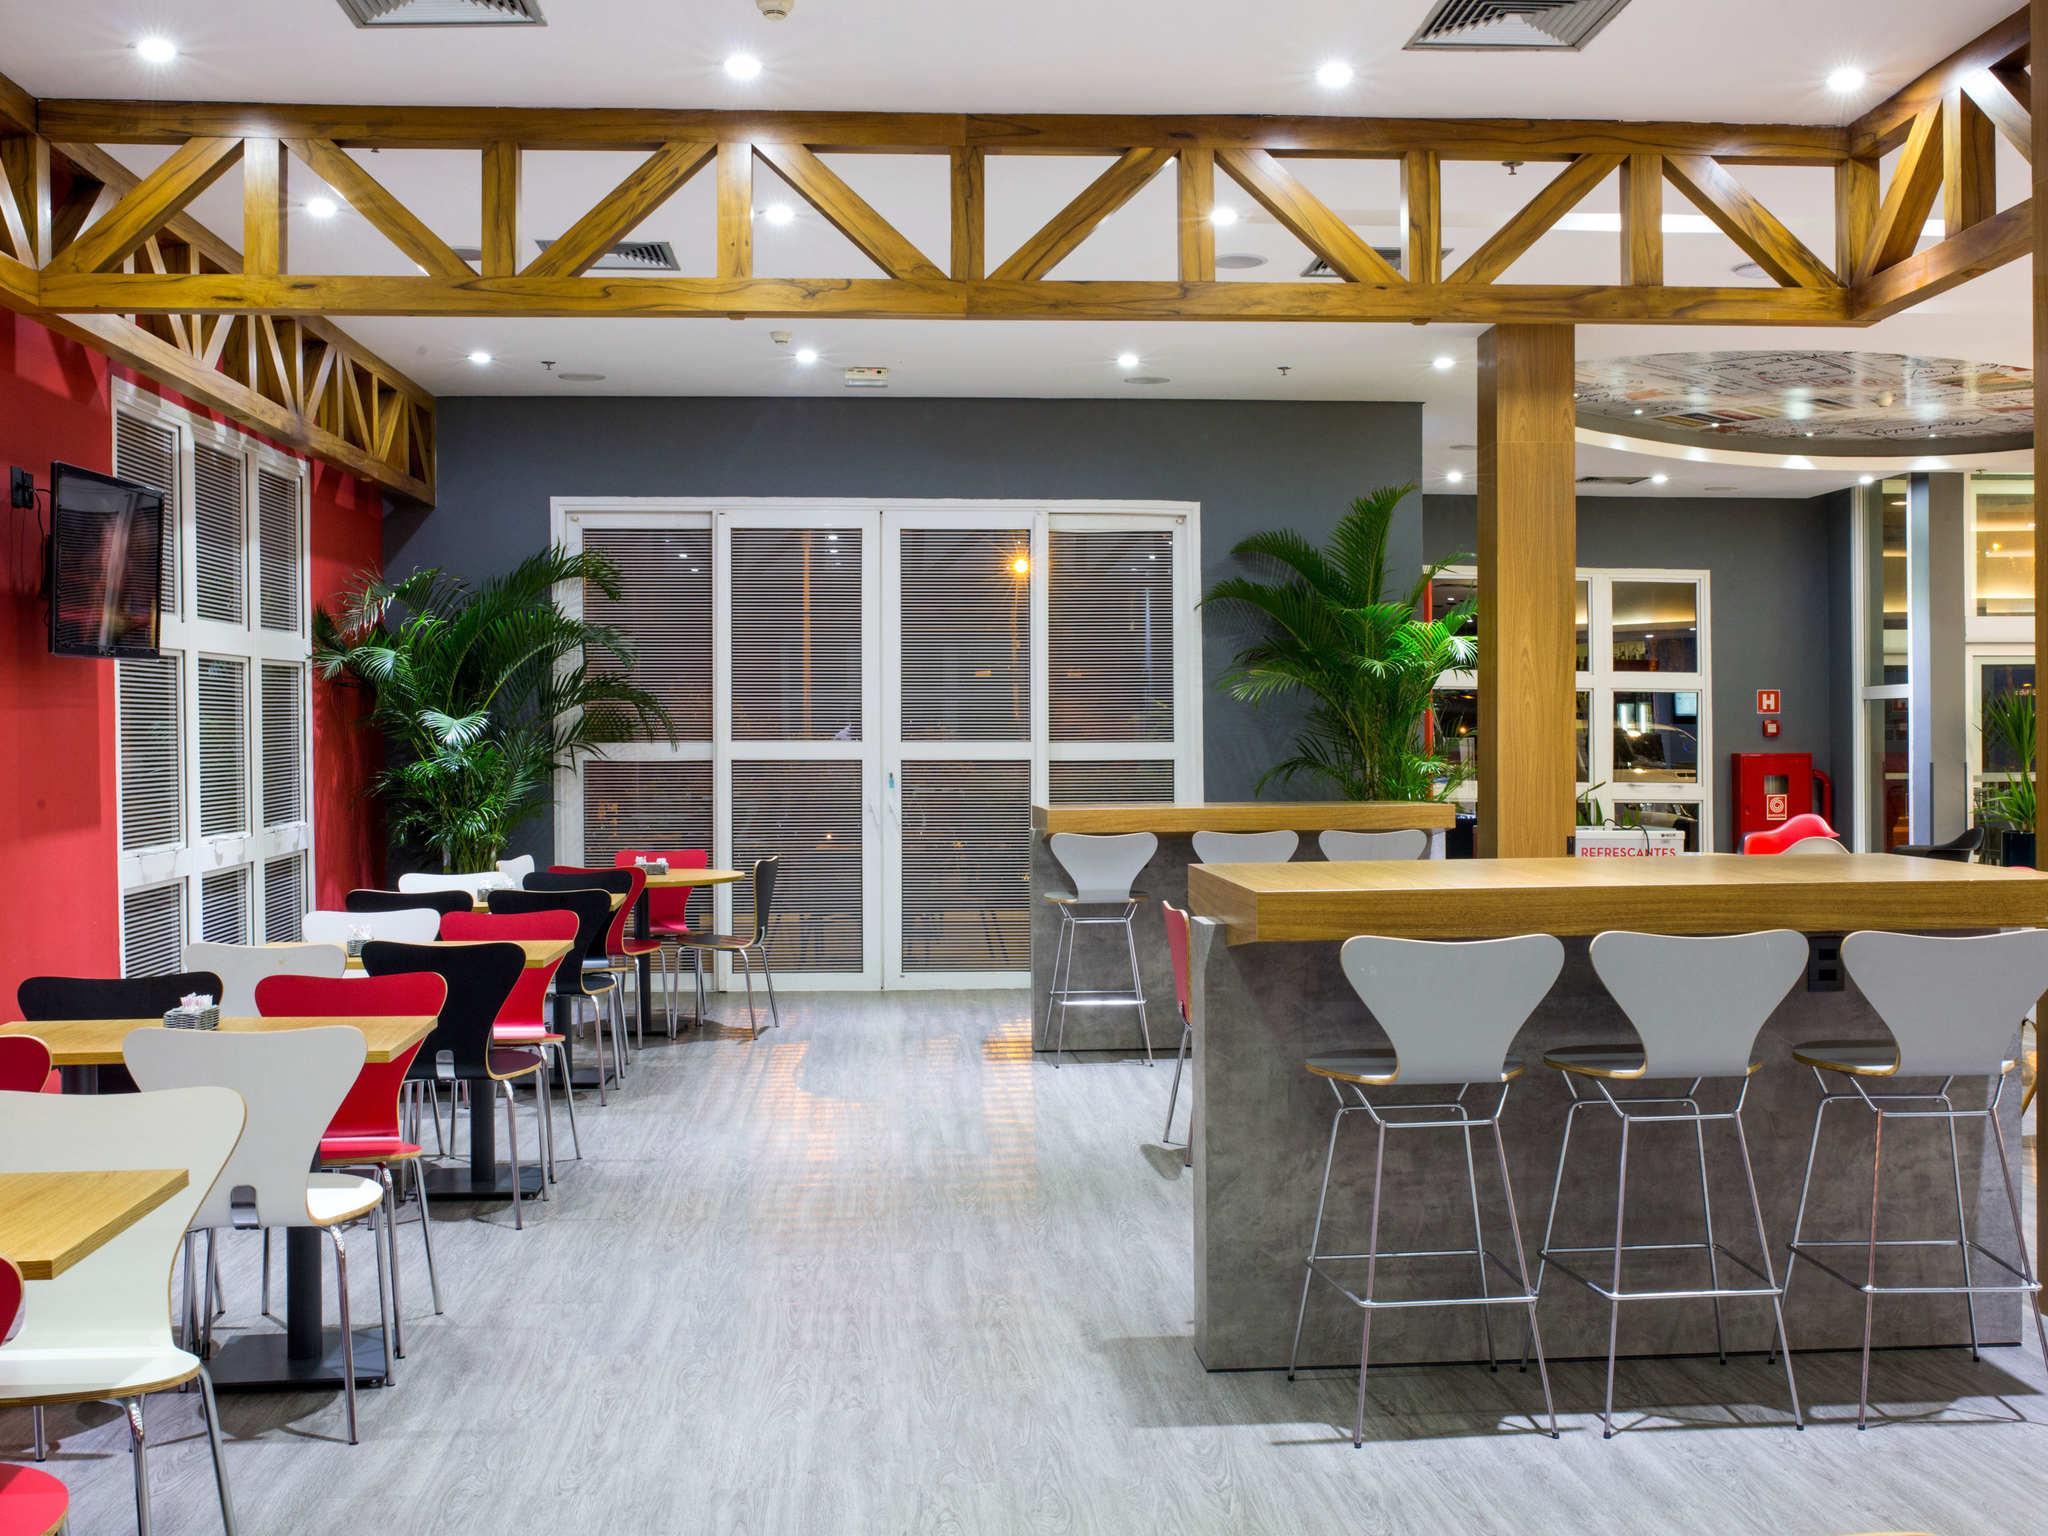 Caf da manh ibis Aracatuba